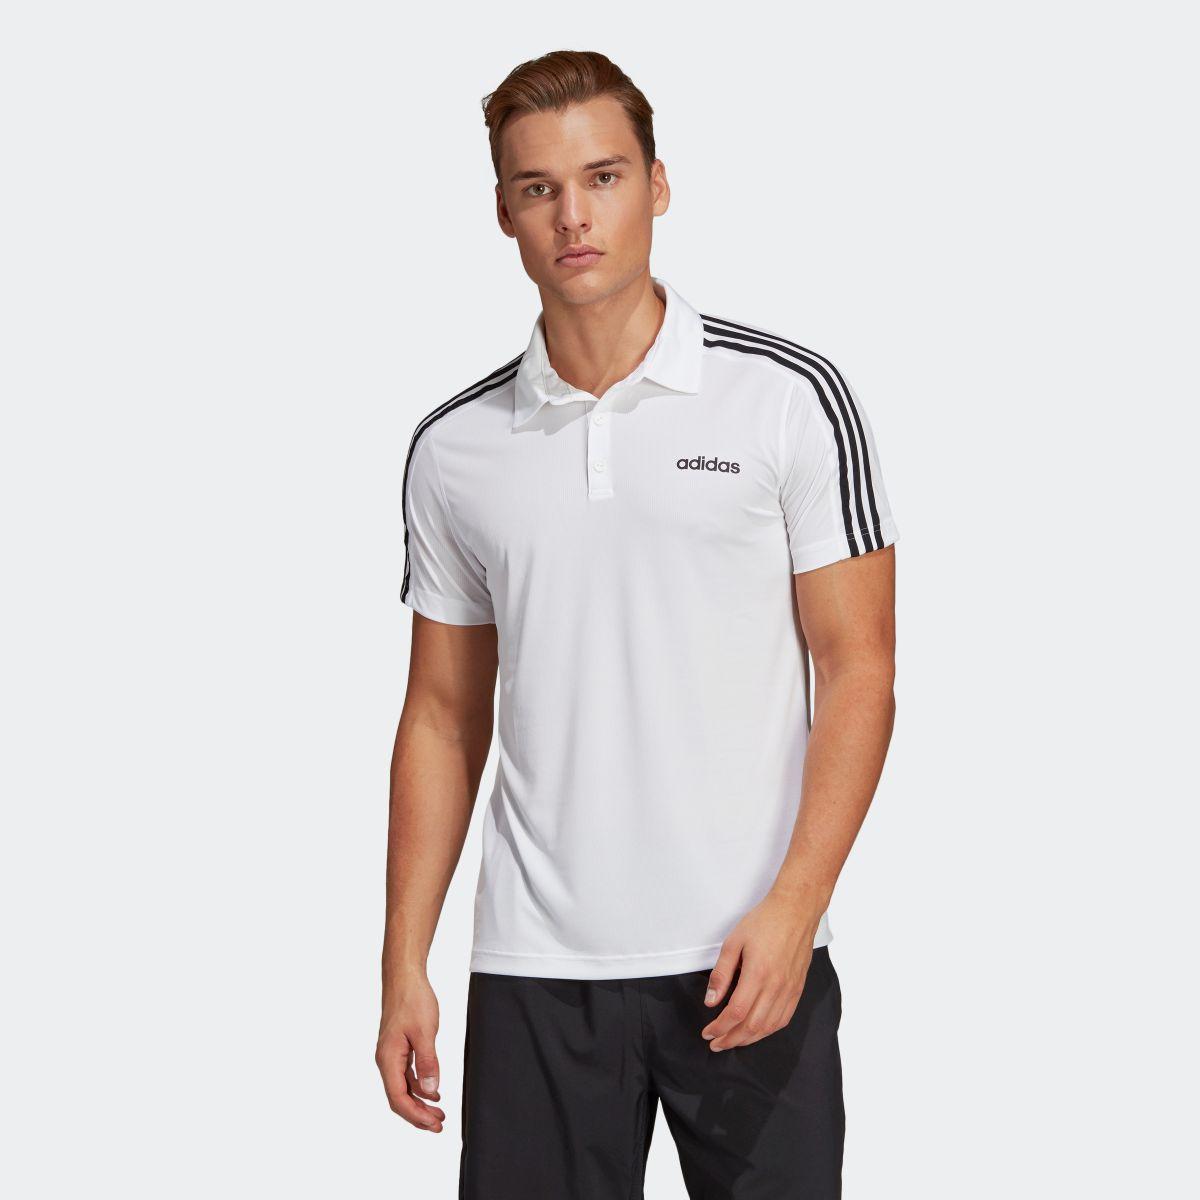 【公式】アディダス adidas M CORE 3ストライプスポロシャツ メンズ DU1258 ジム・トレーニング ウェア トップス